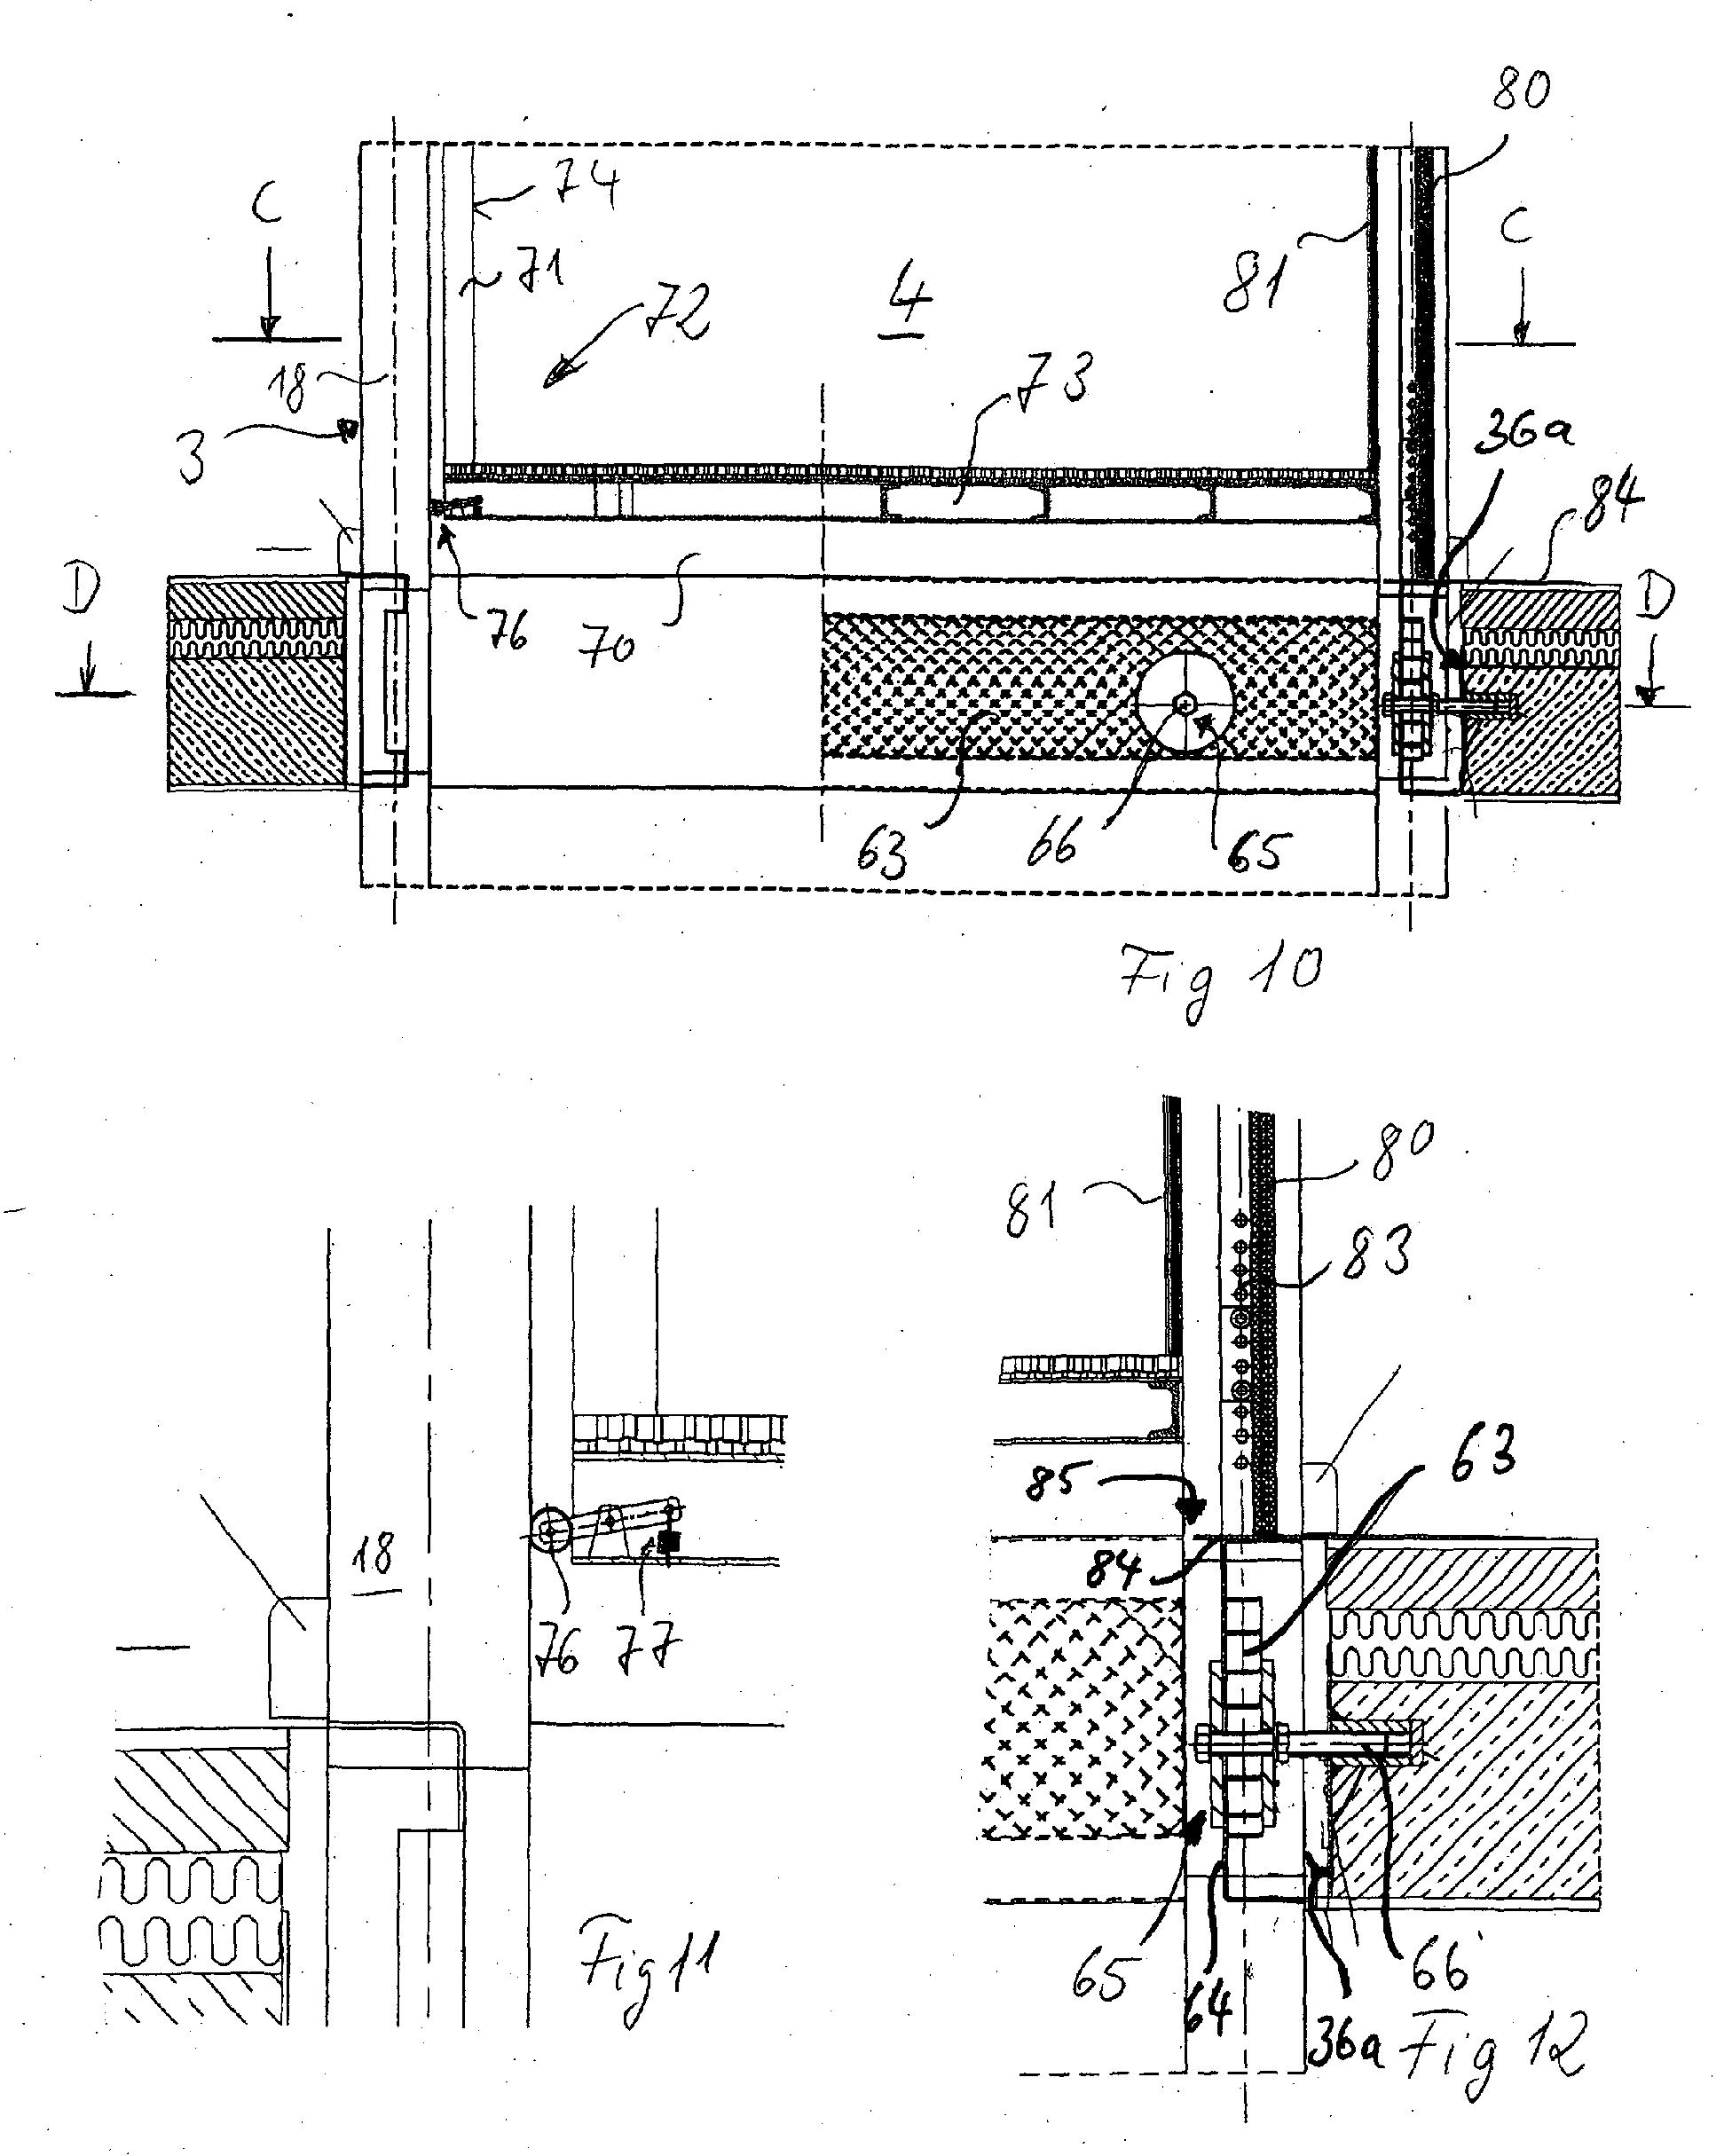 patent ep1380532a1 verfahren zum nachtr glichen einbau. Black Bedroom Furniture Sets. Home Design Ideas